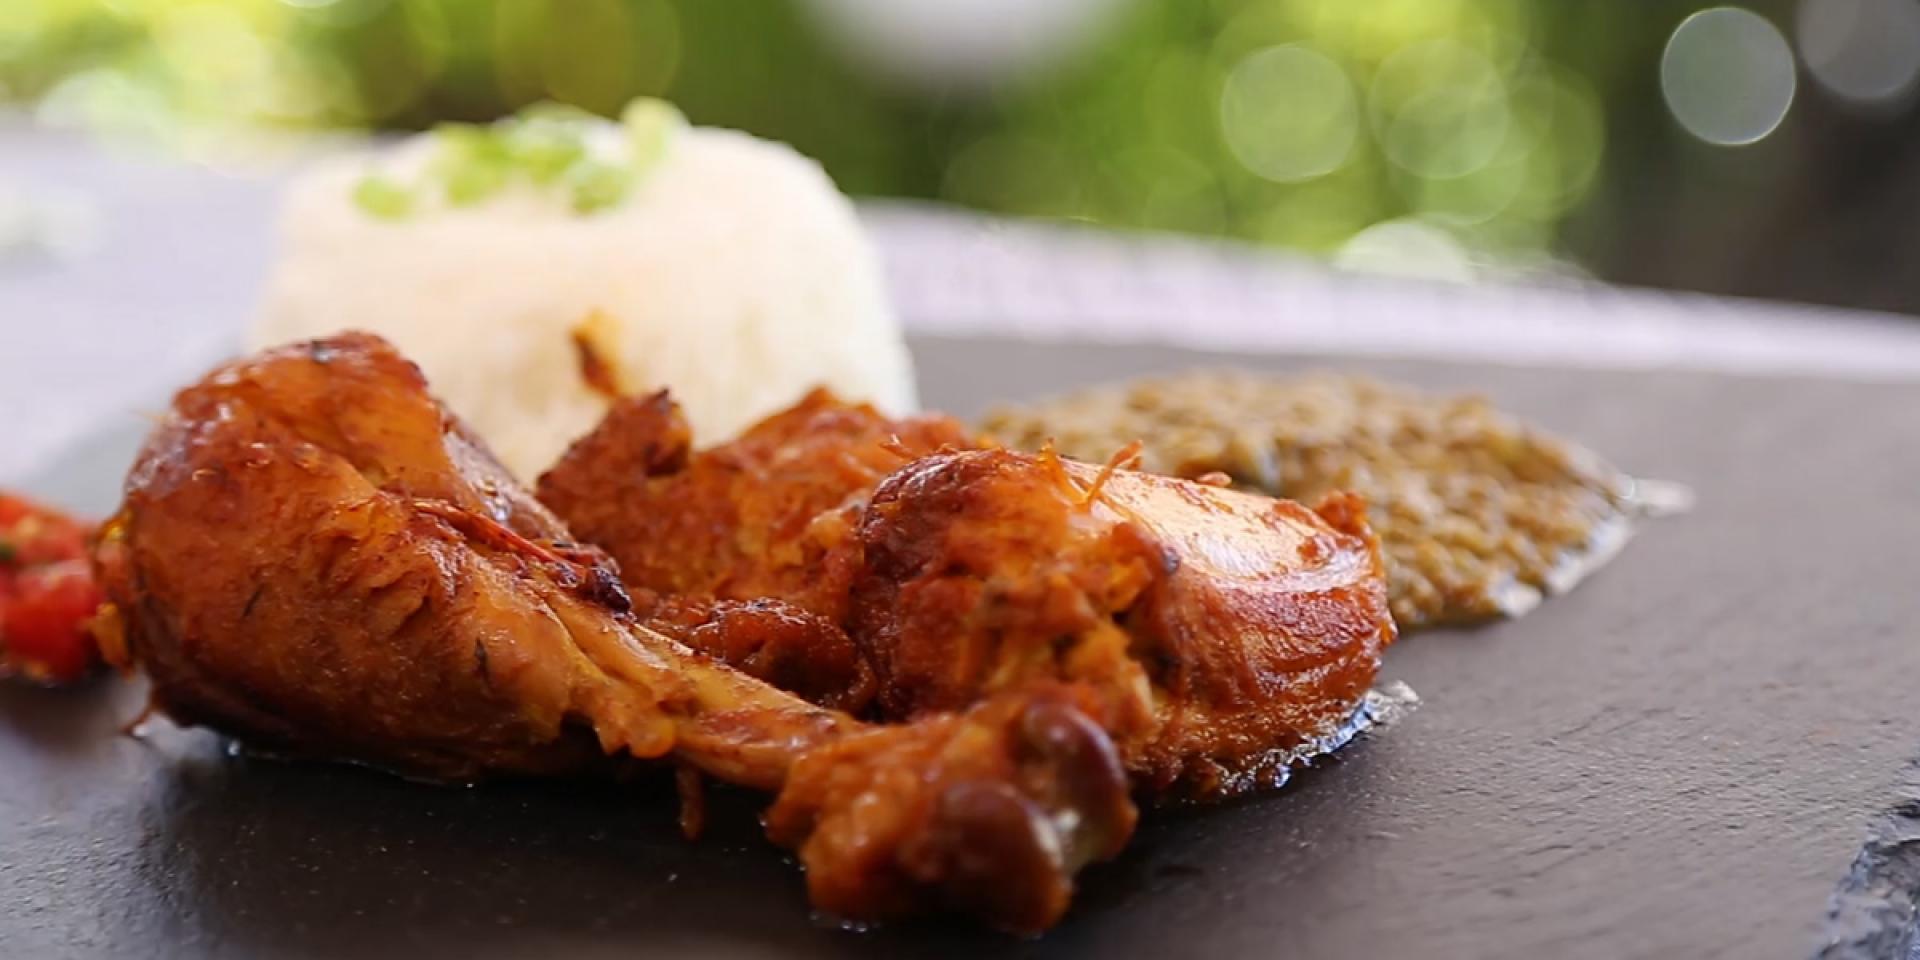 Cuisse de poulet en premier plan avec une boule de riz à l'arrière présenté sur une ardoise